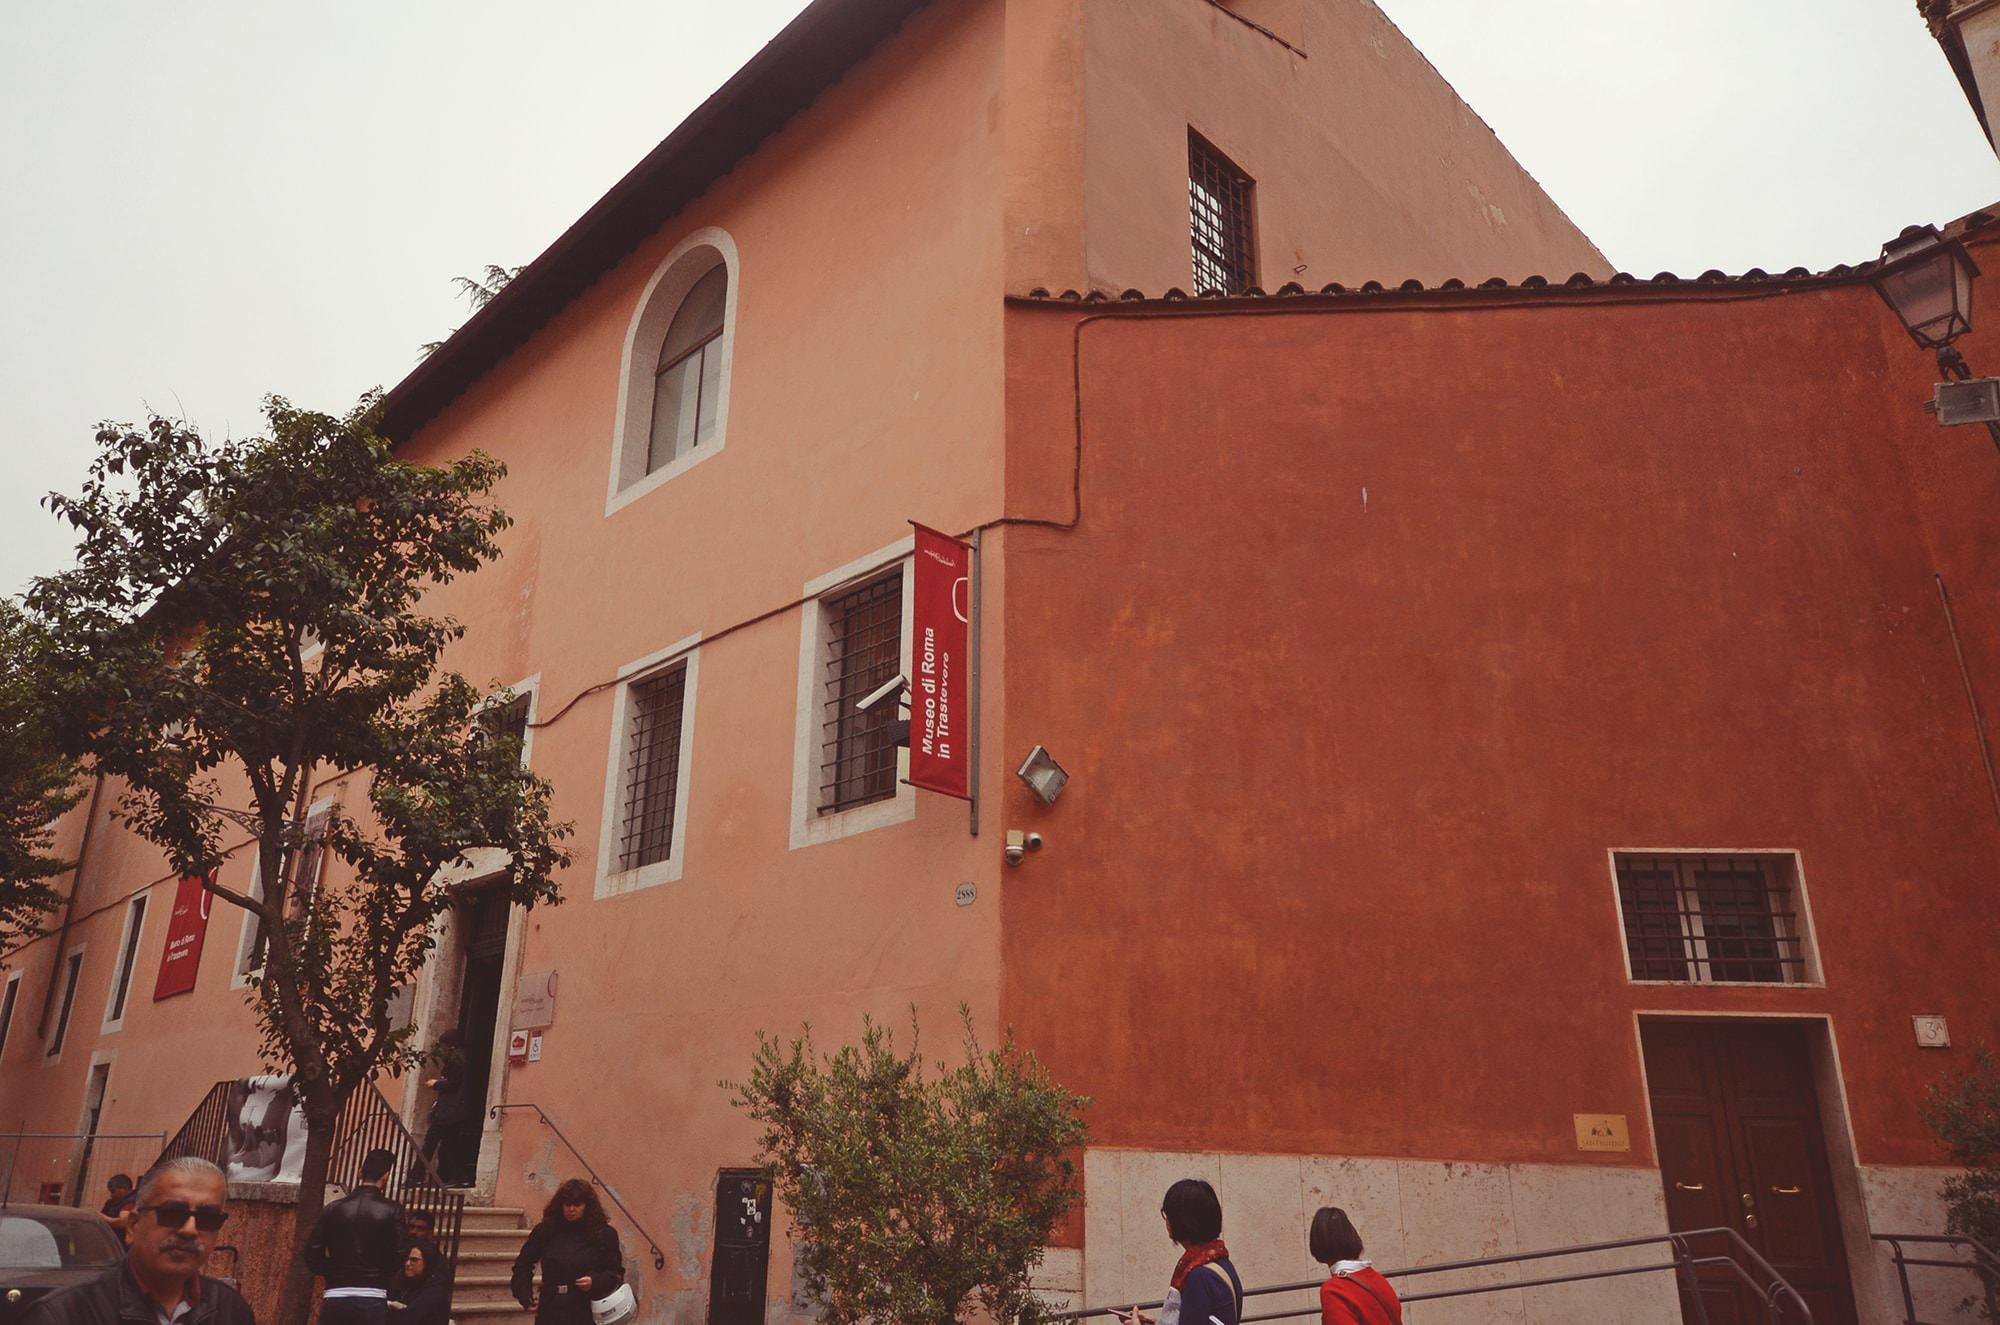 Museo di roma in trastevere tra storia e tradizioni cosa for Tradizioni di roma